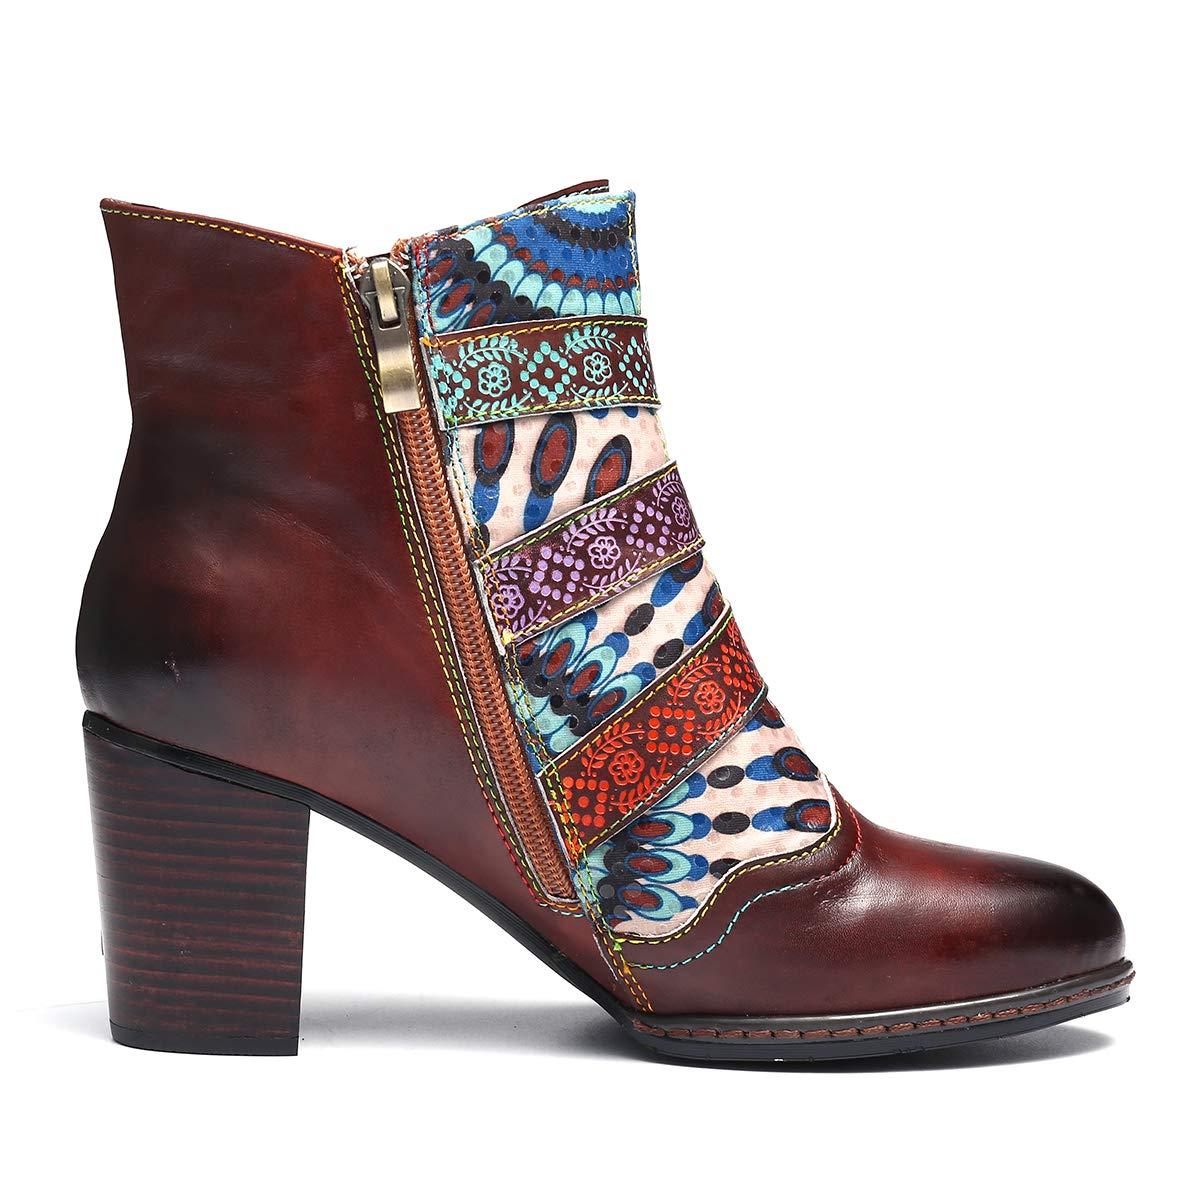 bfd2739a3ee58e Camfosy Bottines Talons Femmes, Bottes en Cuir Chaussures de Ville Hiver à  Talons Hauts Confortable Boots Bout Pointu Semelles Conforts Zip Design  Original ...